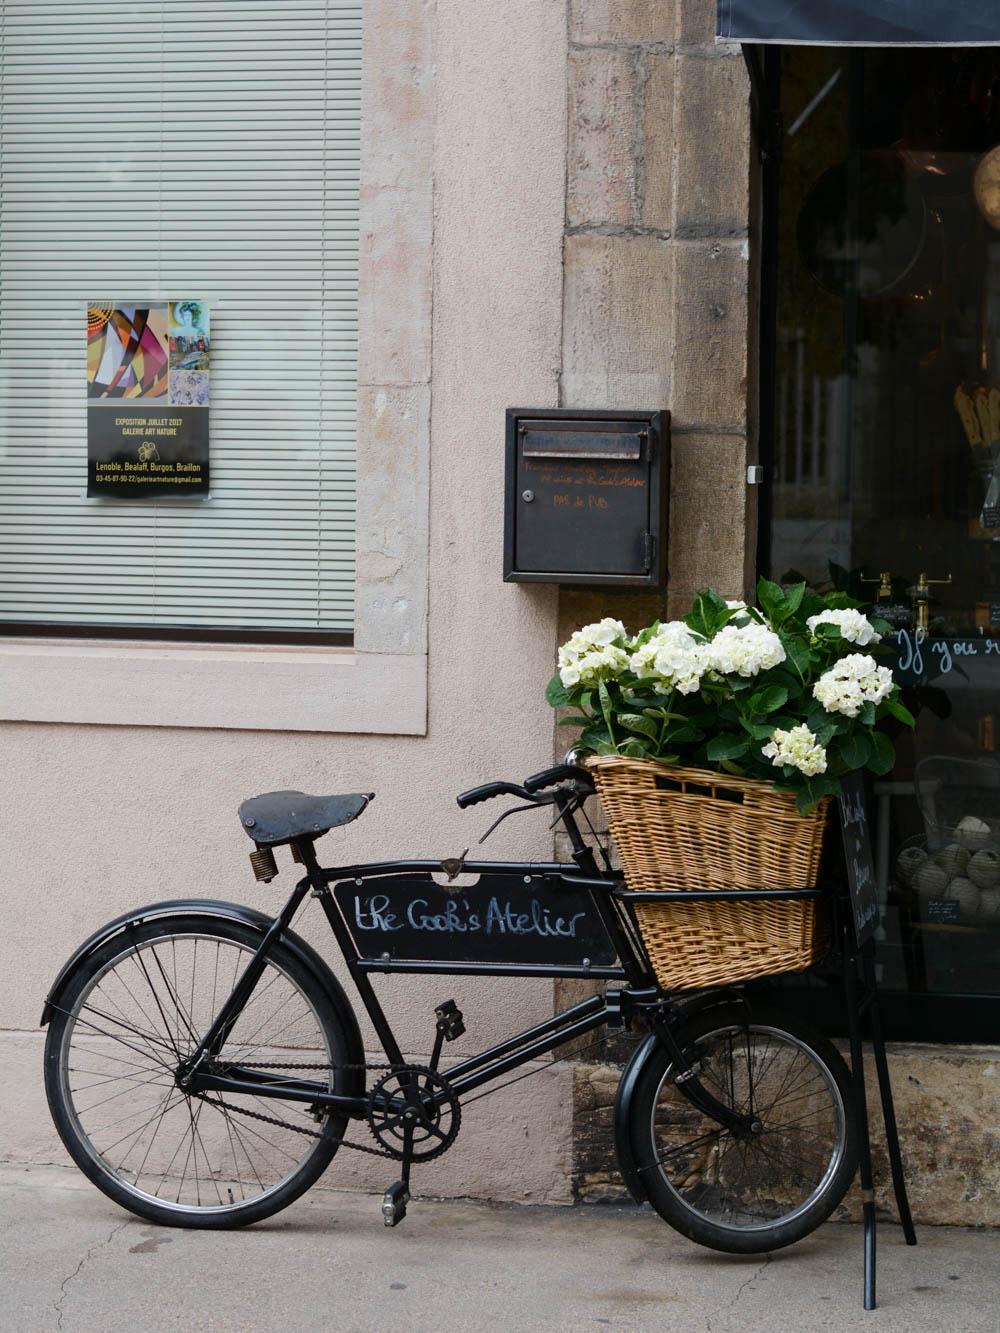 cooks-atelier-beaune-france-1.jpg